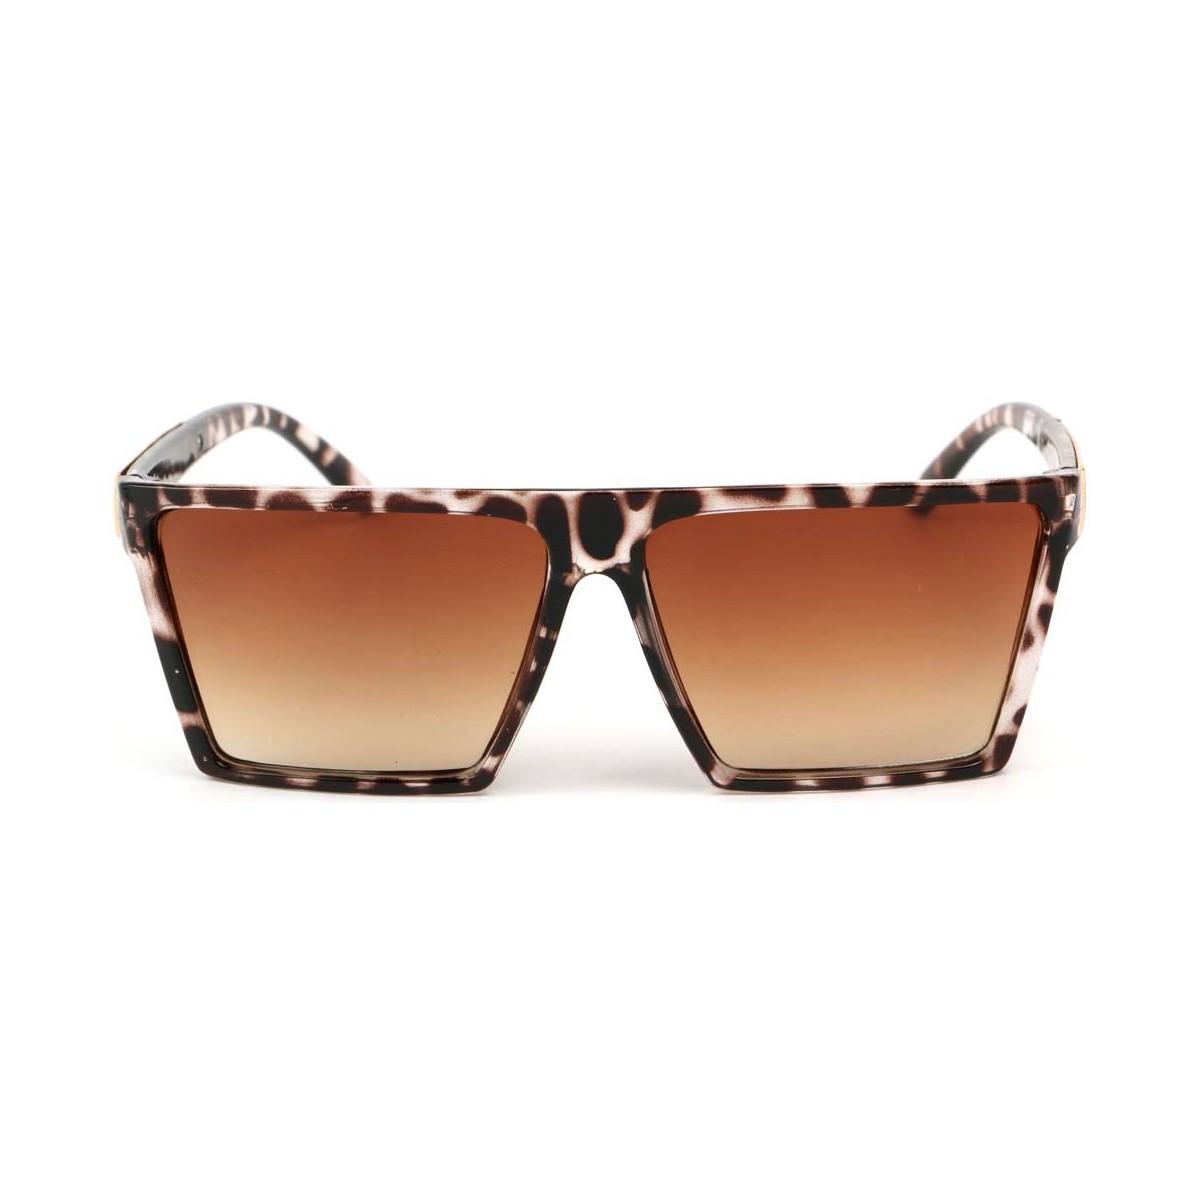 Eye Wear Lunettes Soleil Cuba avec monture Leopard Marron